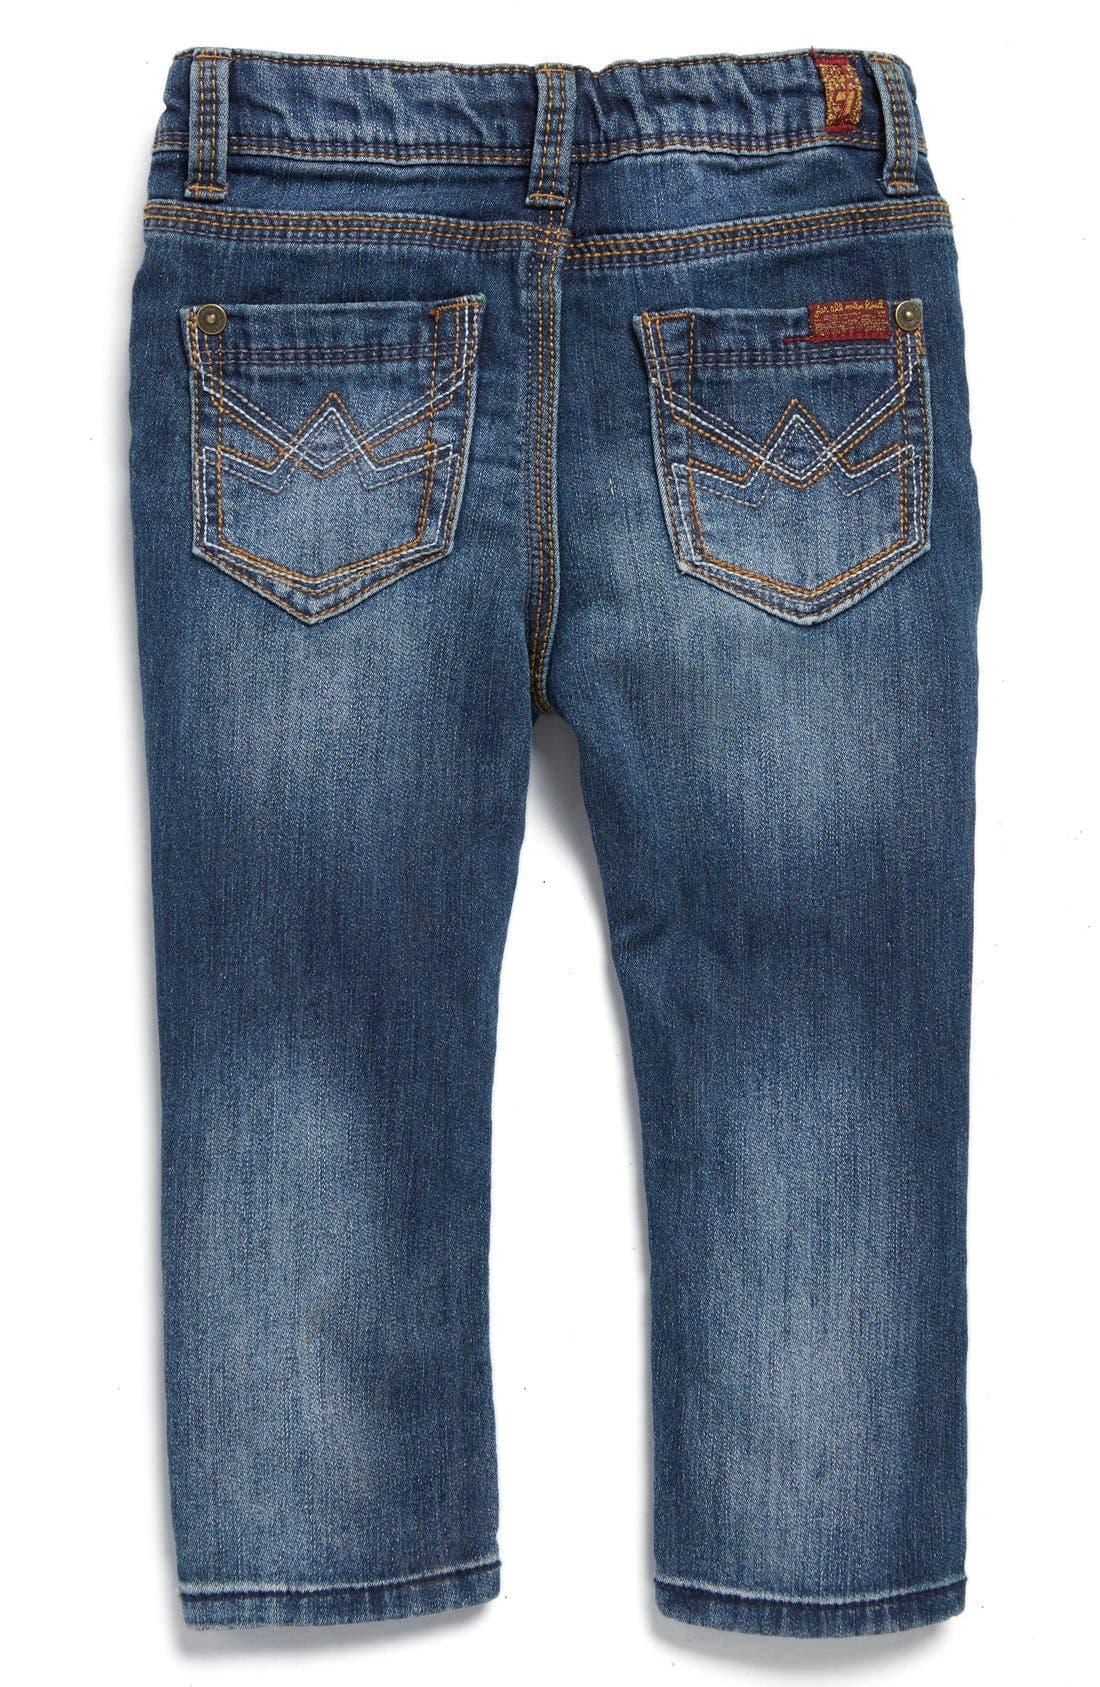 Slim Fit Jeans,                             Alternate thumbnail 2, color,                             423